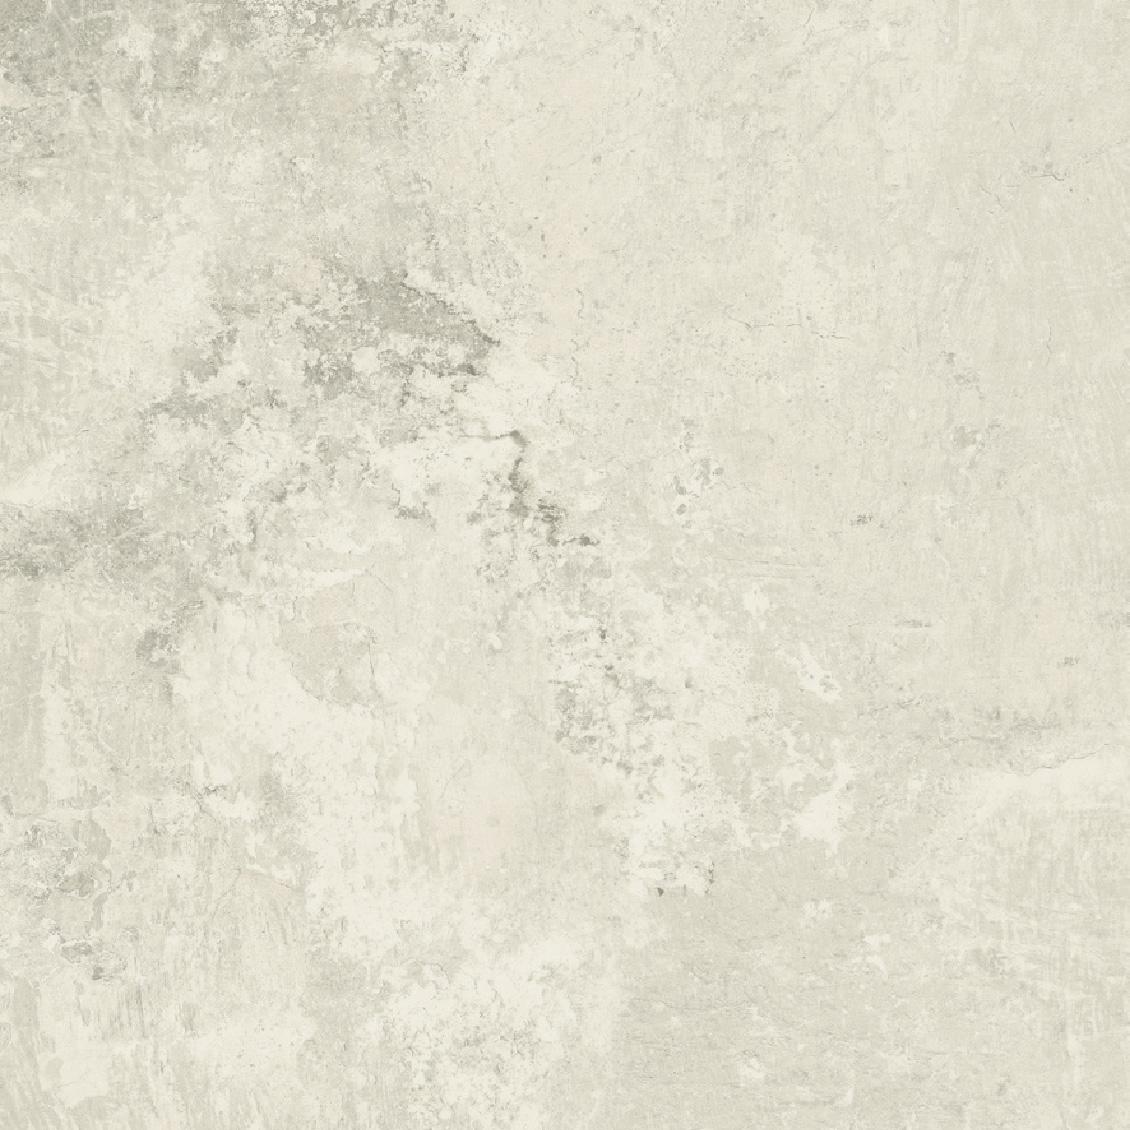 Купить Керамогранит Fanal Gneis Blanco Nplus 75x75, Испания